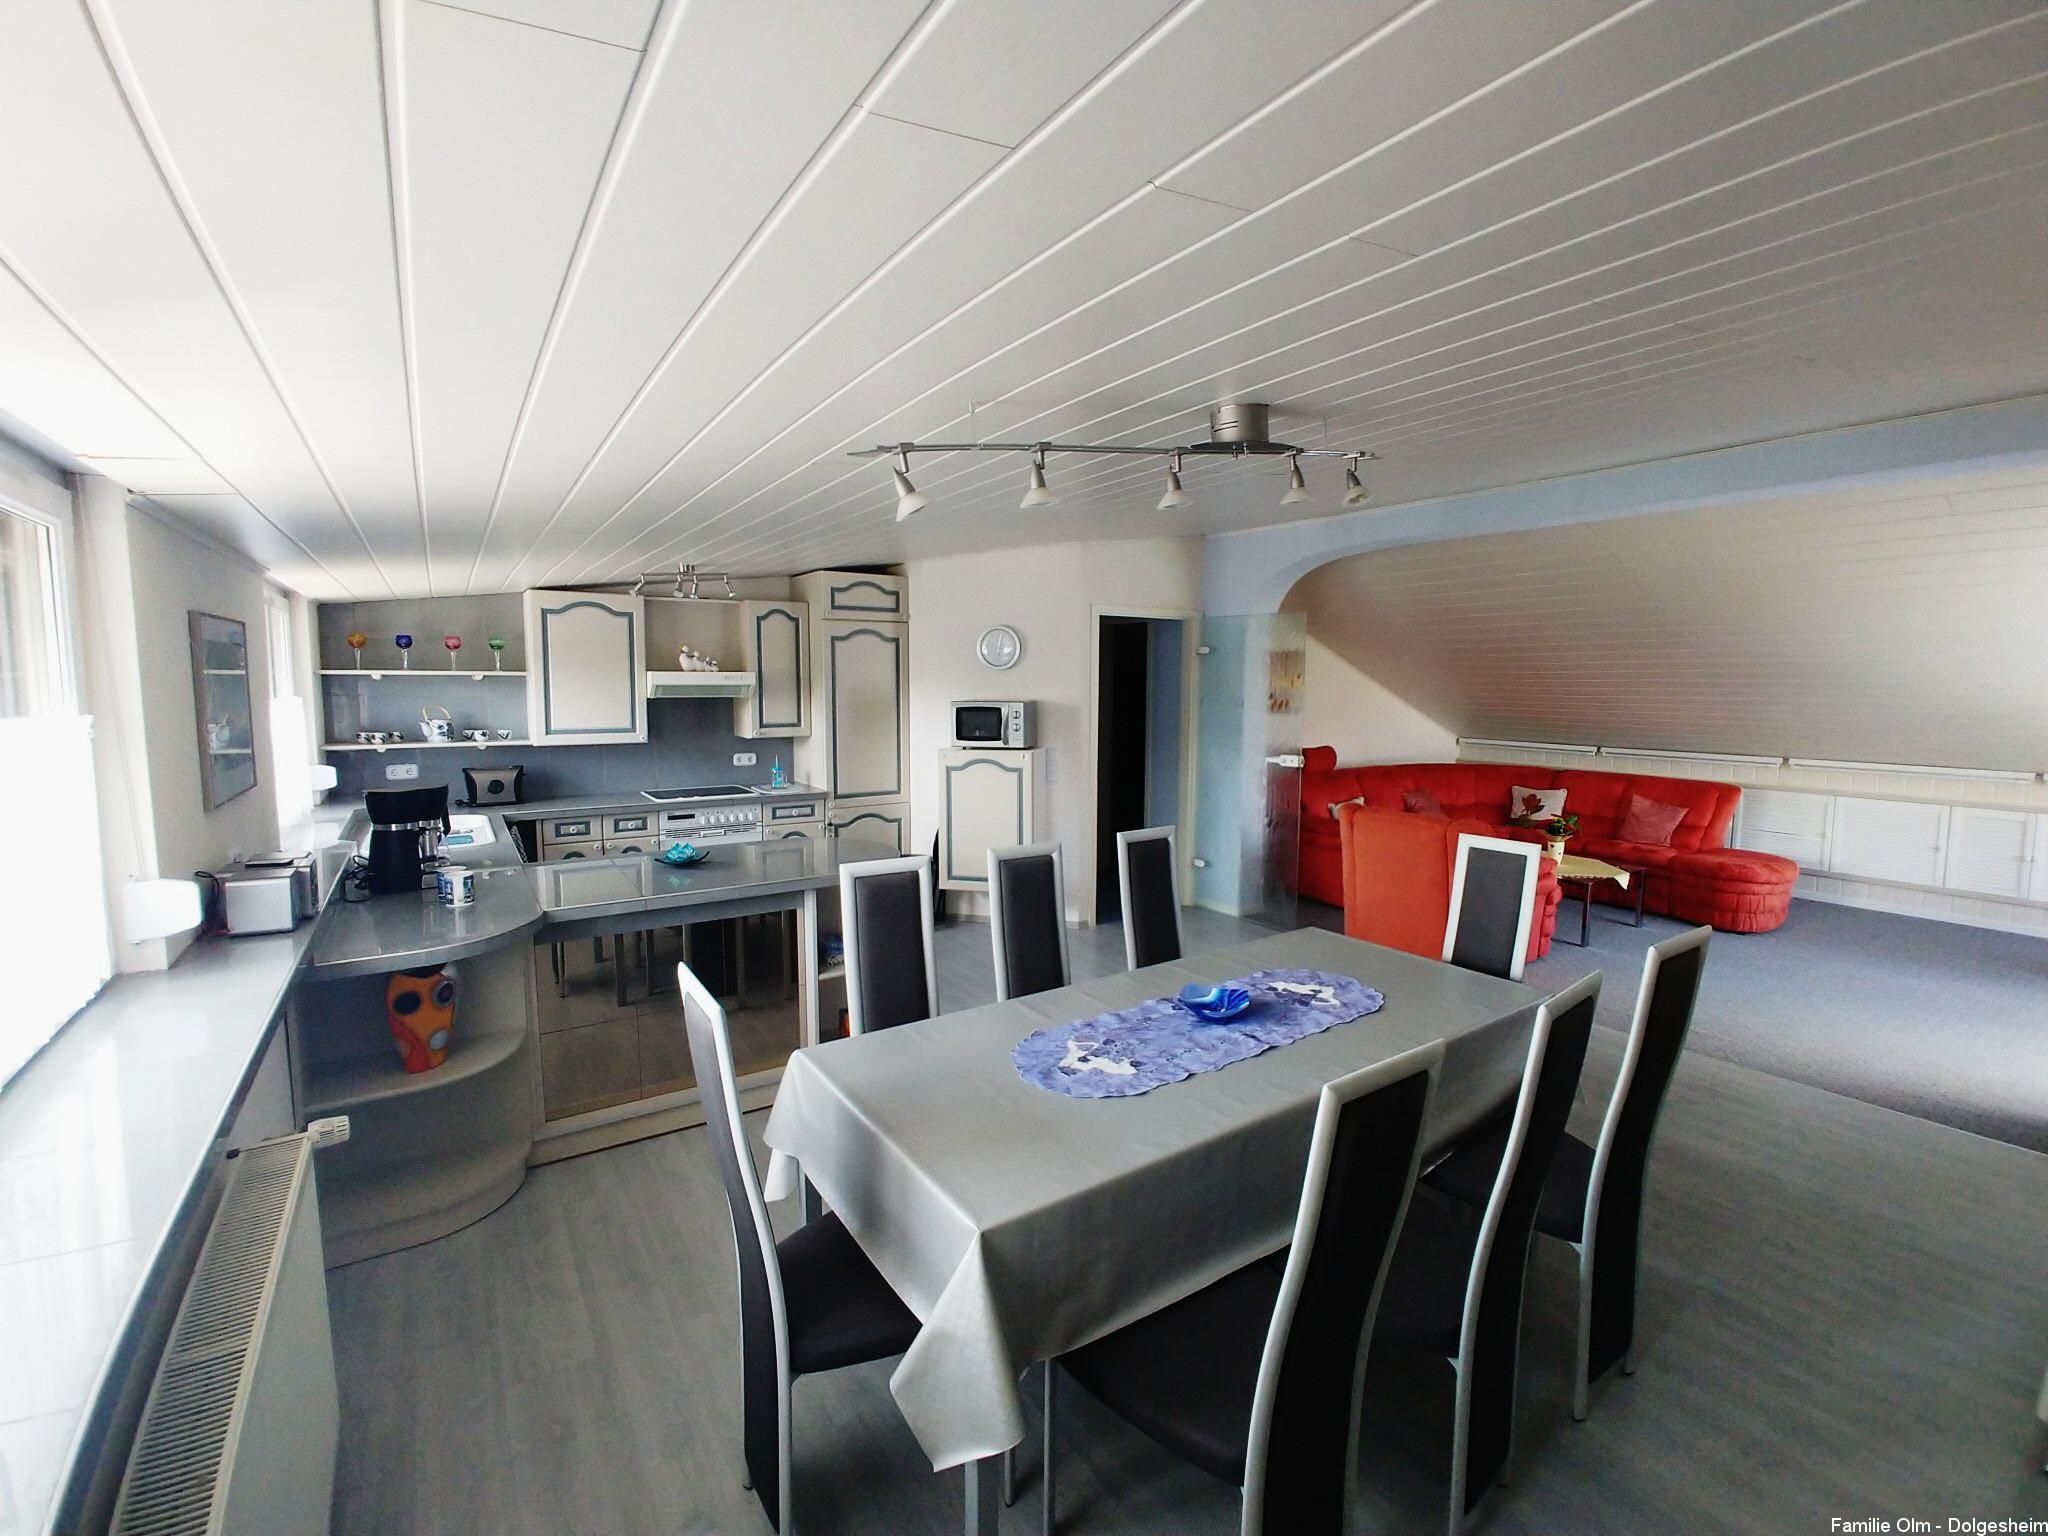 Ferienwohnung Dolgesheim Esszimmer mit Küche